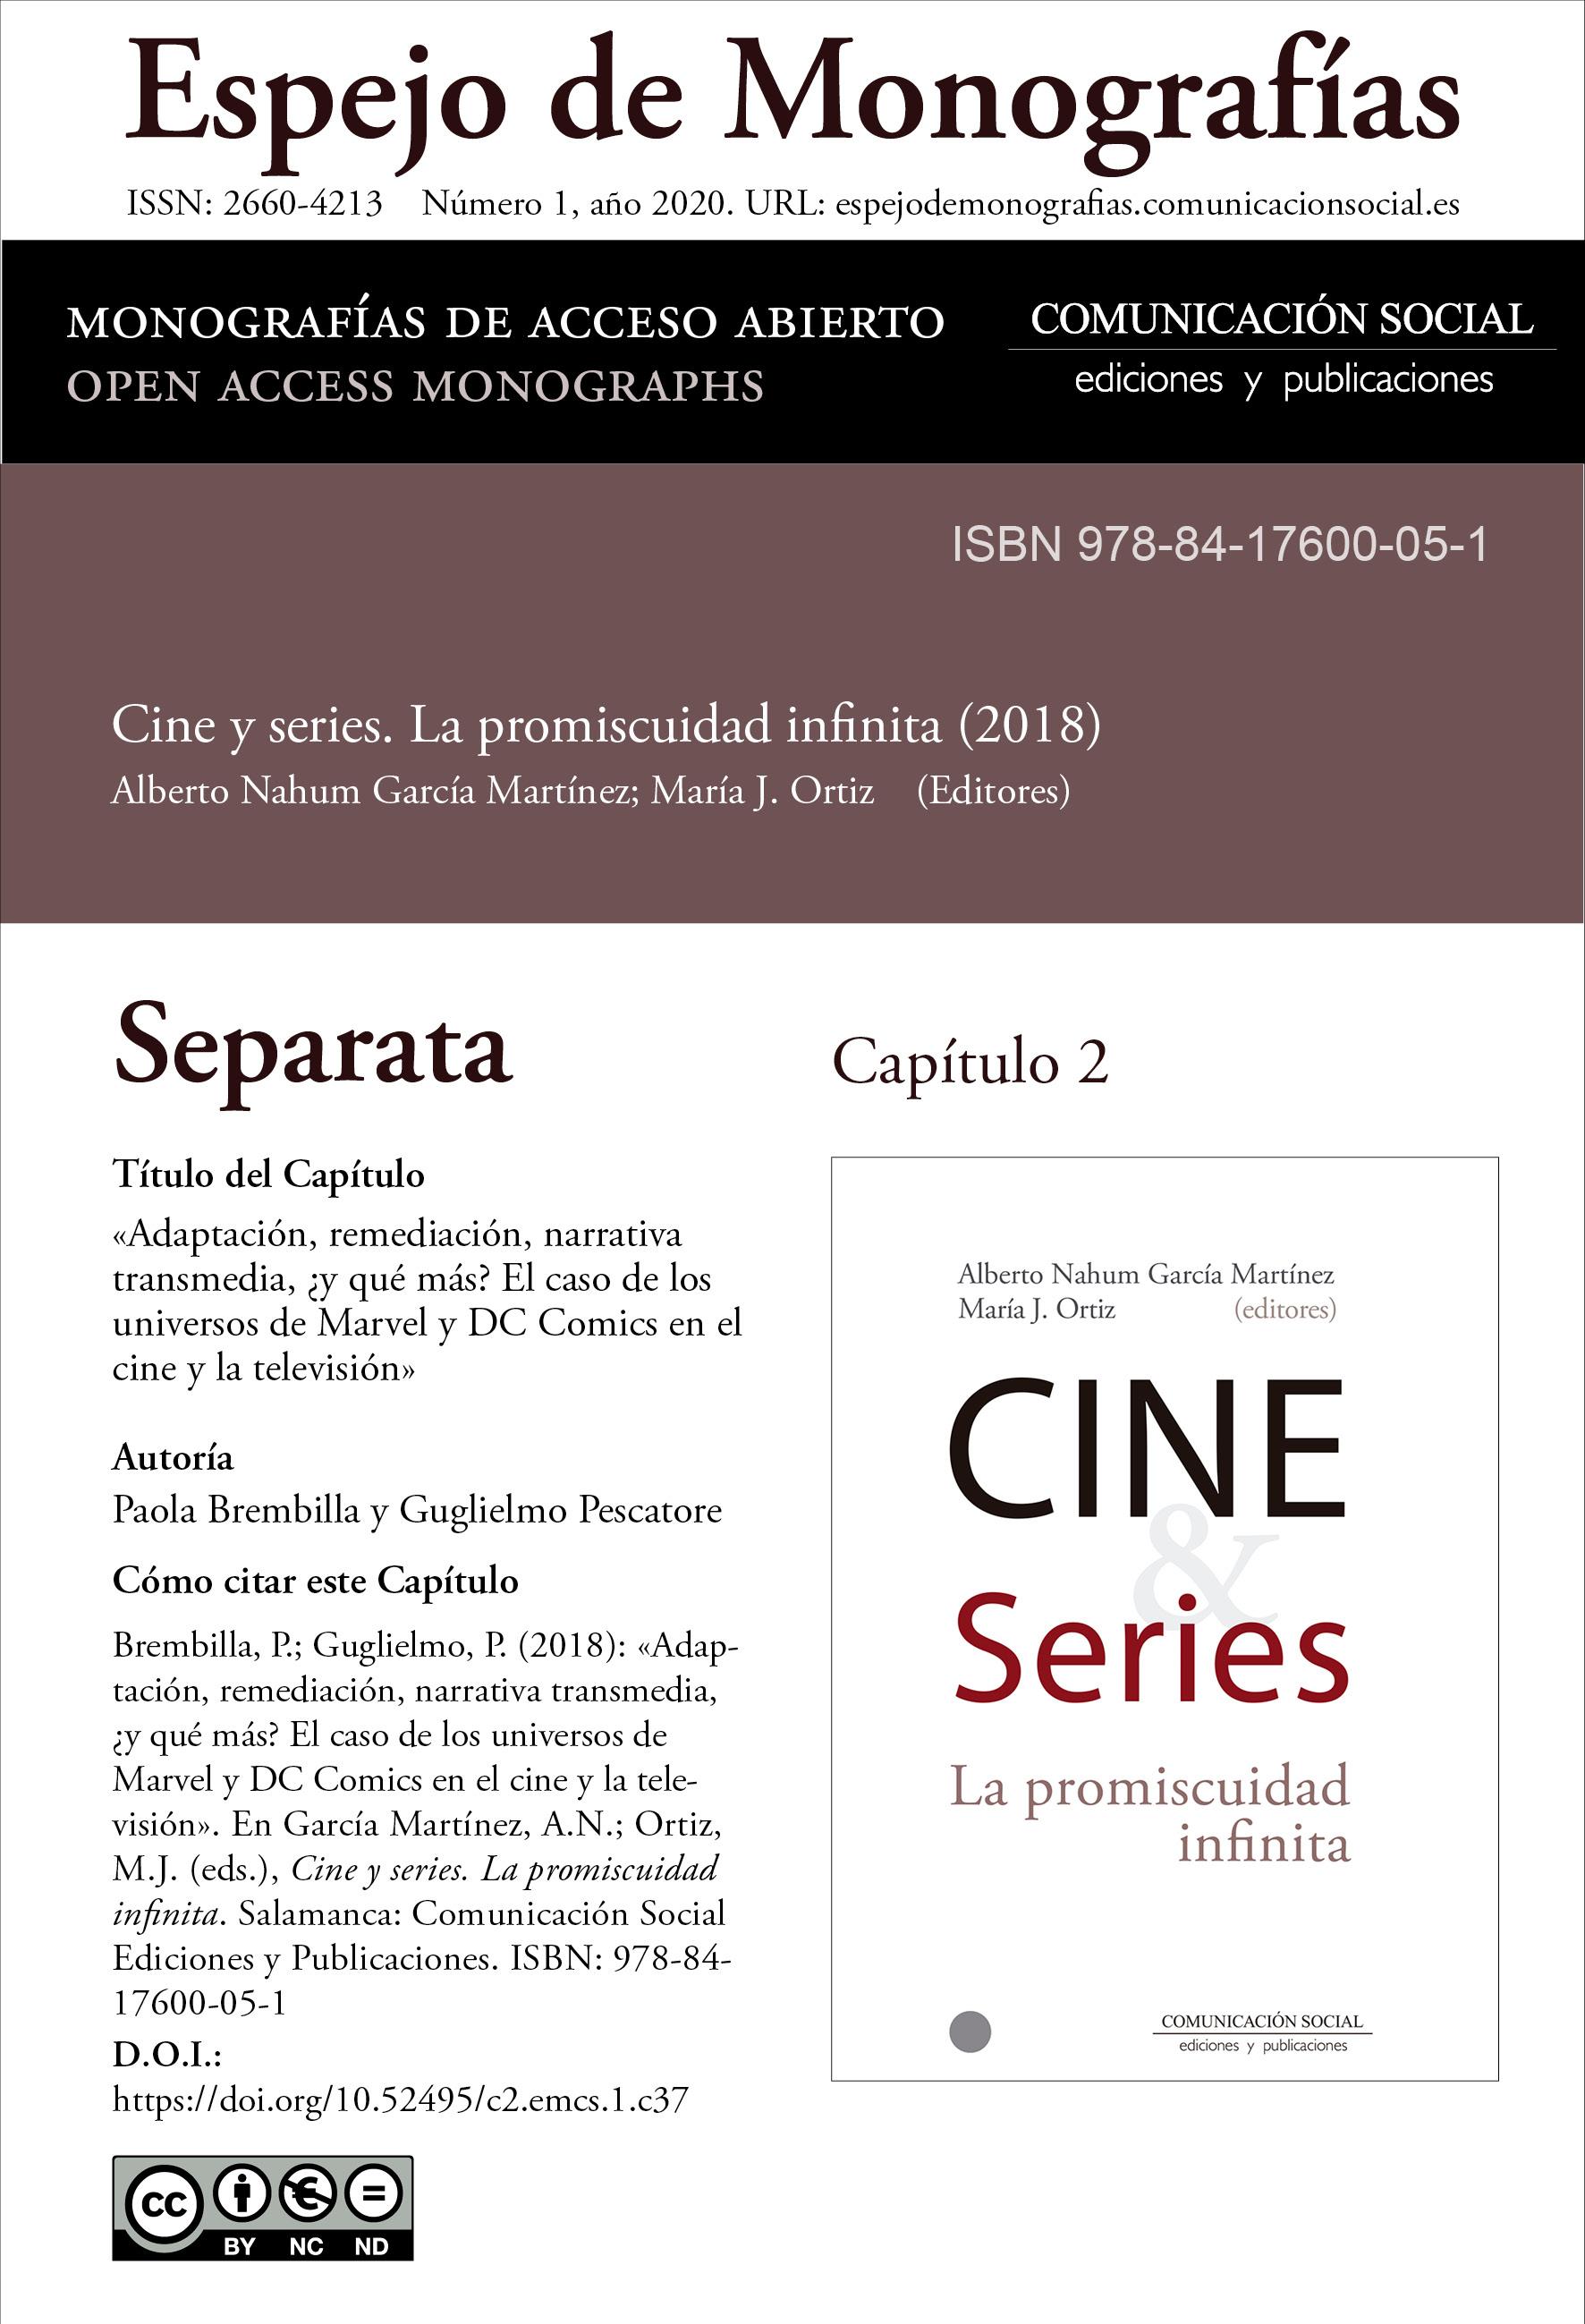 Separata del Capítulo 2 correspondiente a la monografía Cine y series: la promiscuidad infinita